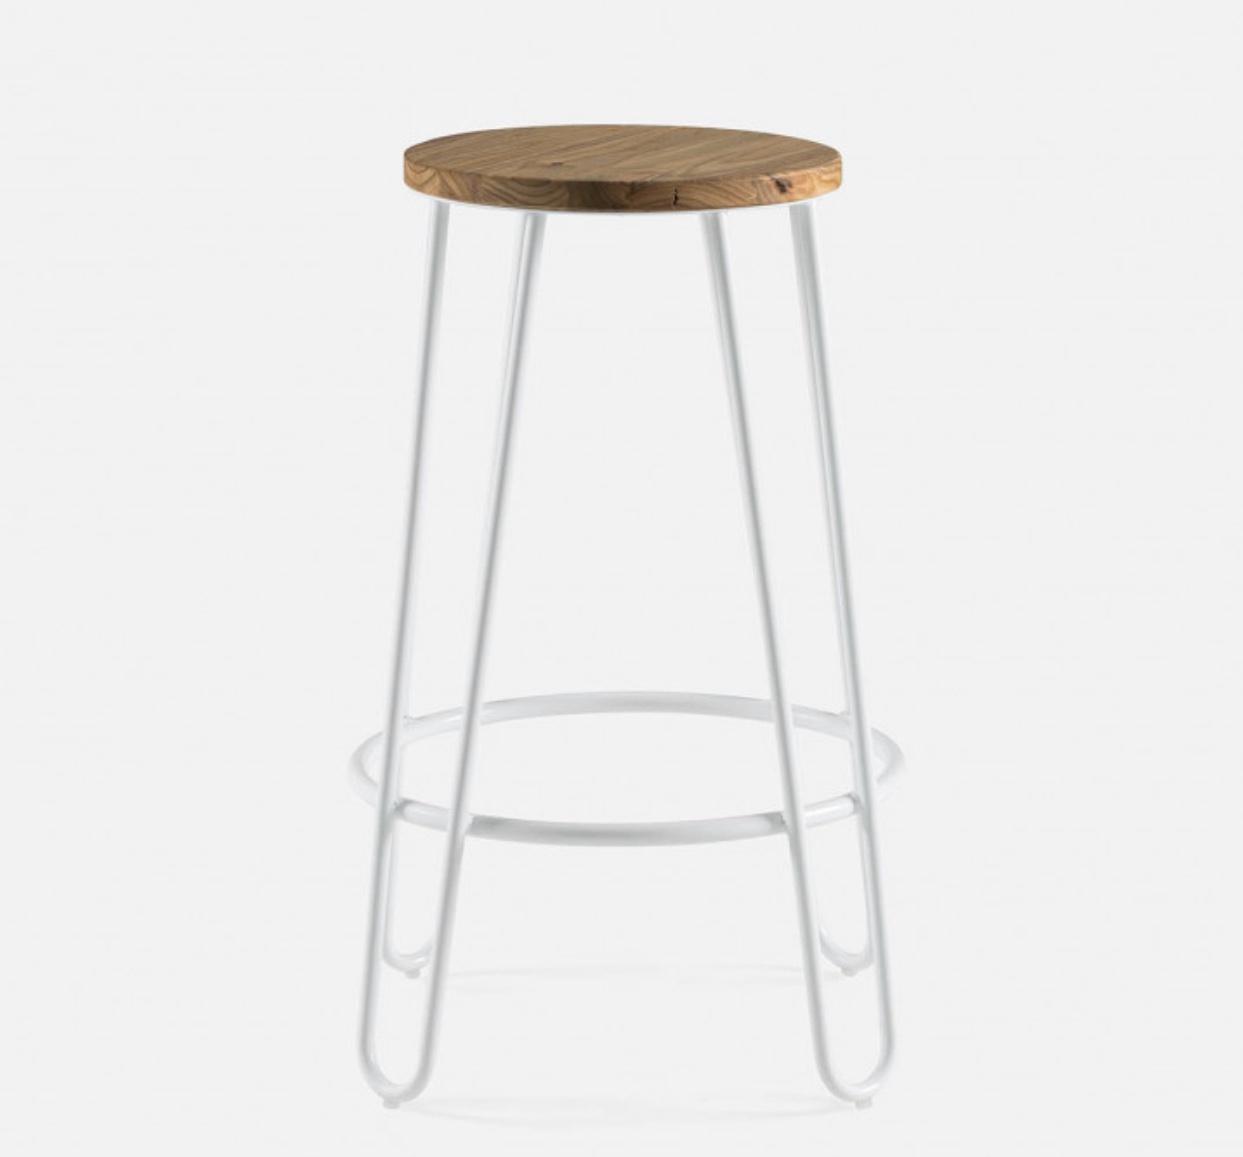 Lars-stool